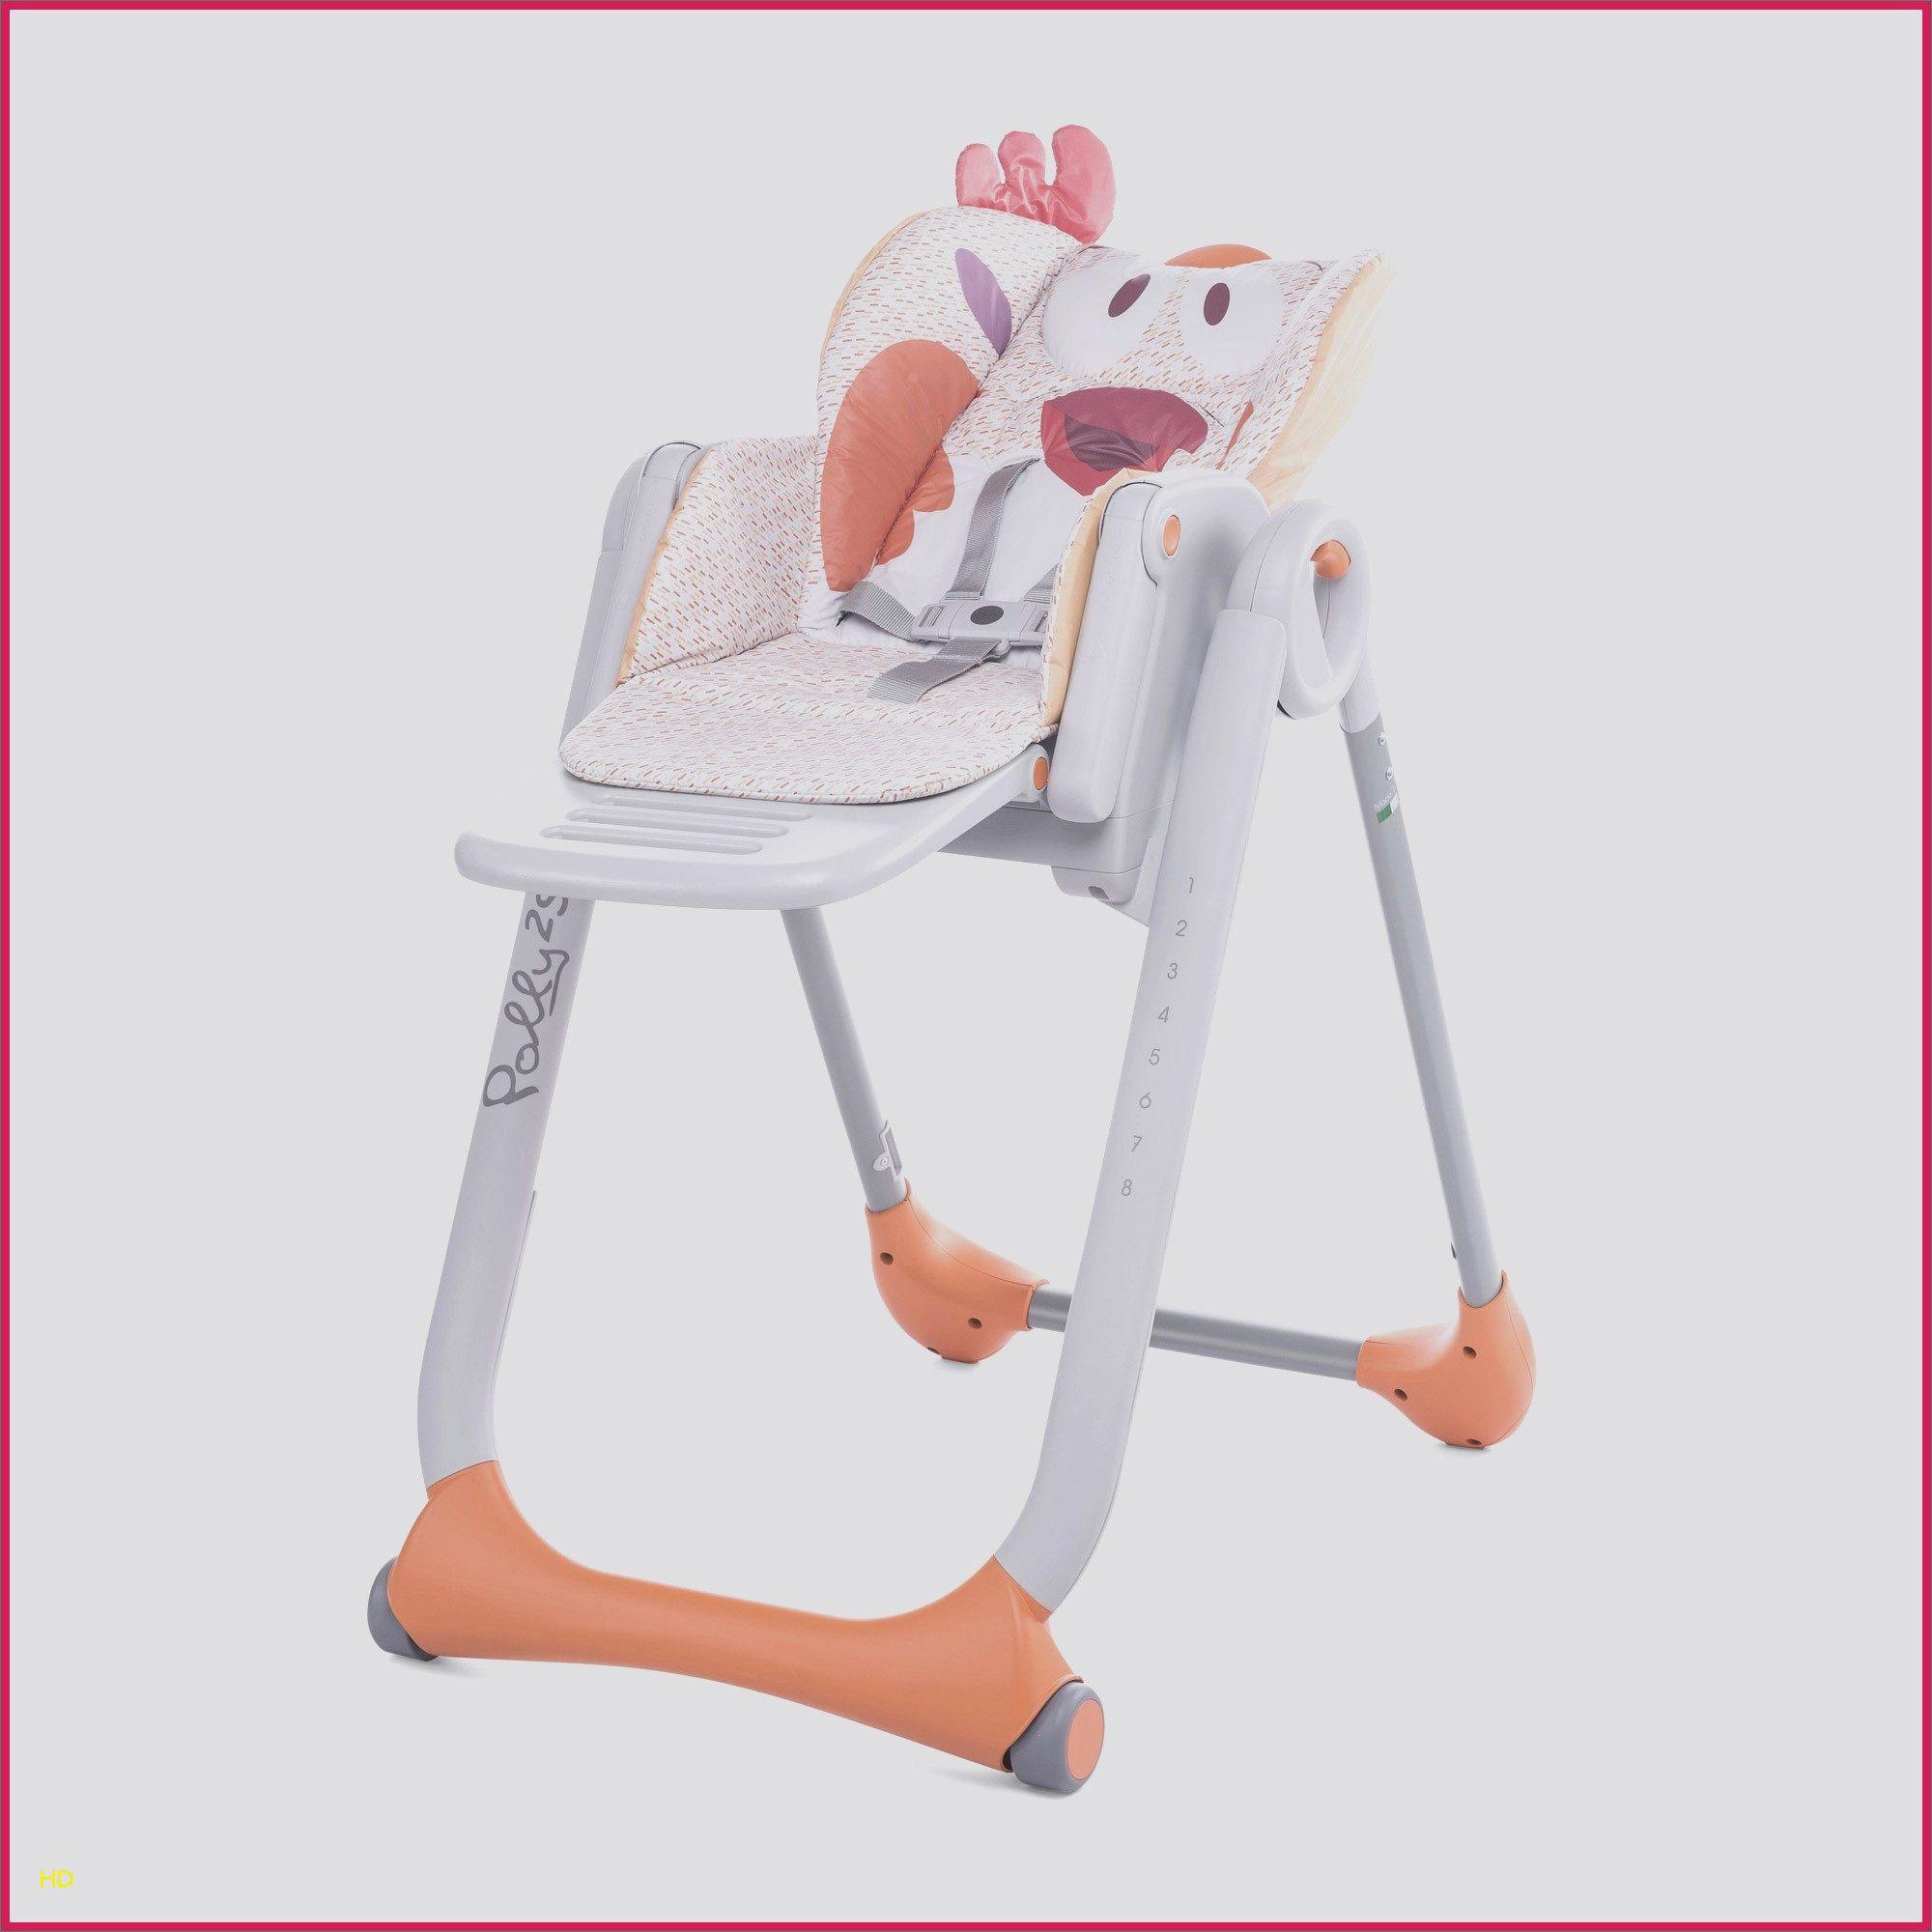 Lit Bébé En Bois Charmant Attirant Chaise Bébé Pliante Ou Chambre Bébé Mickey Chaise Haute